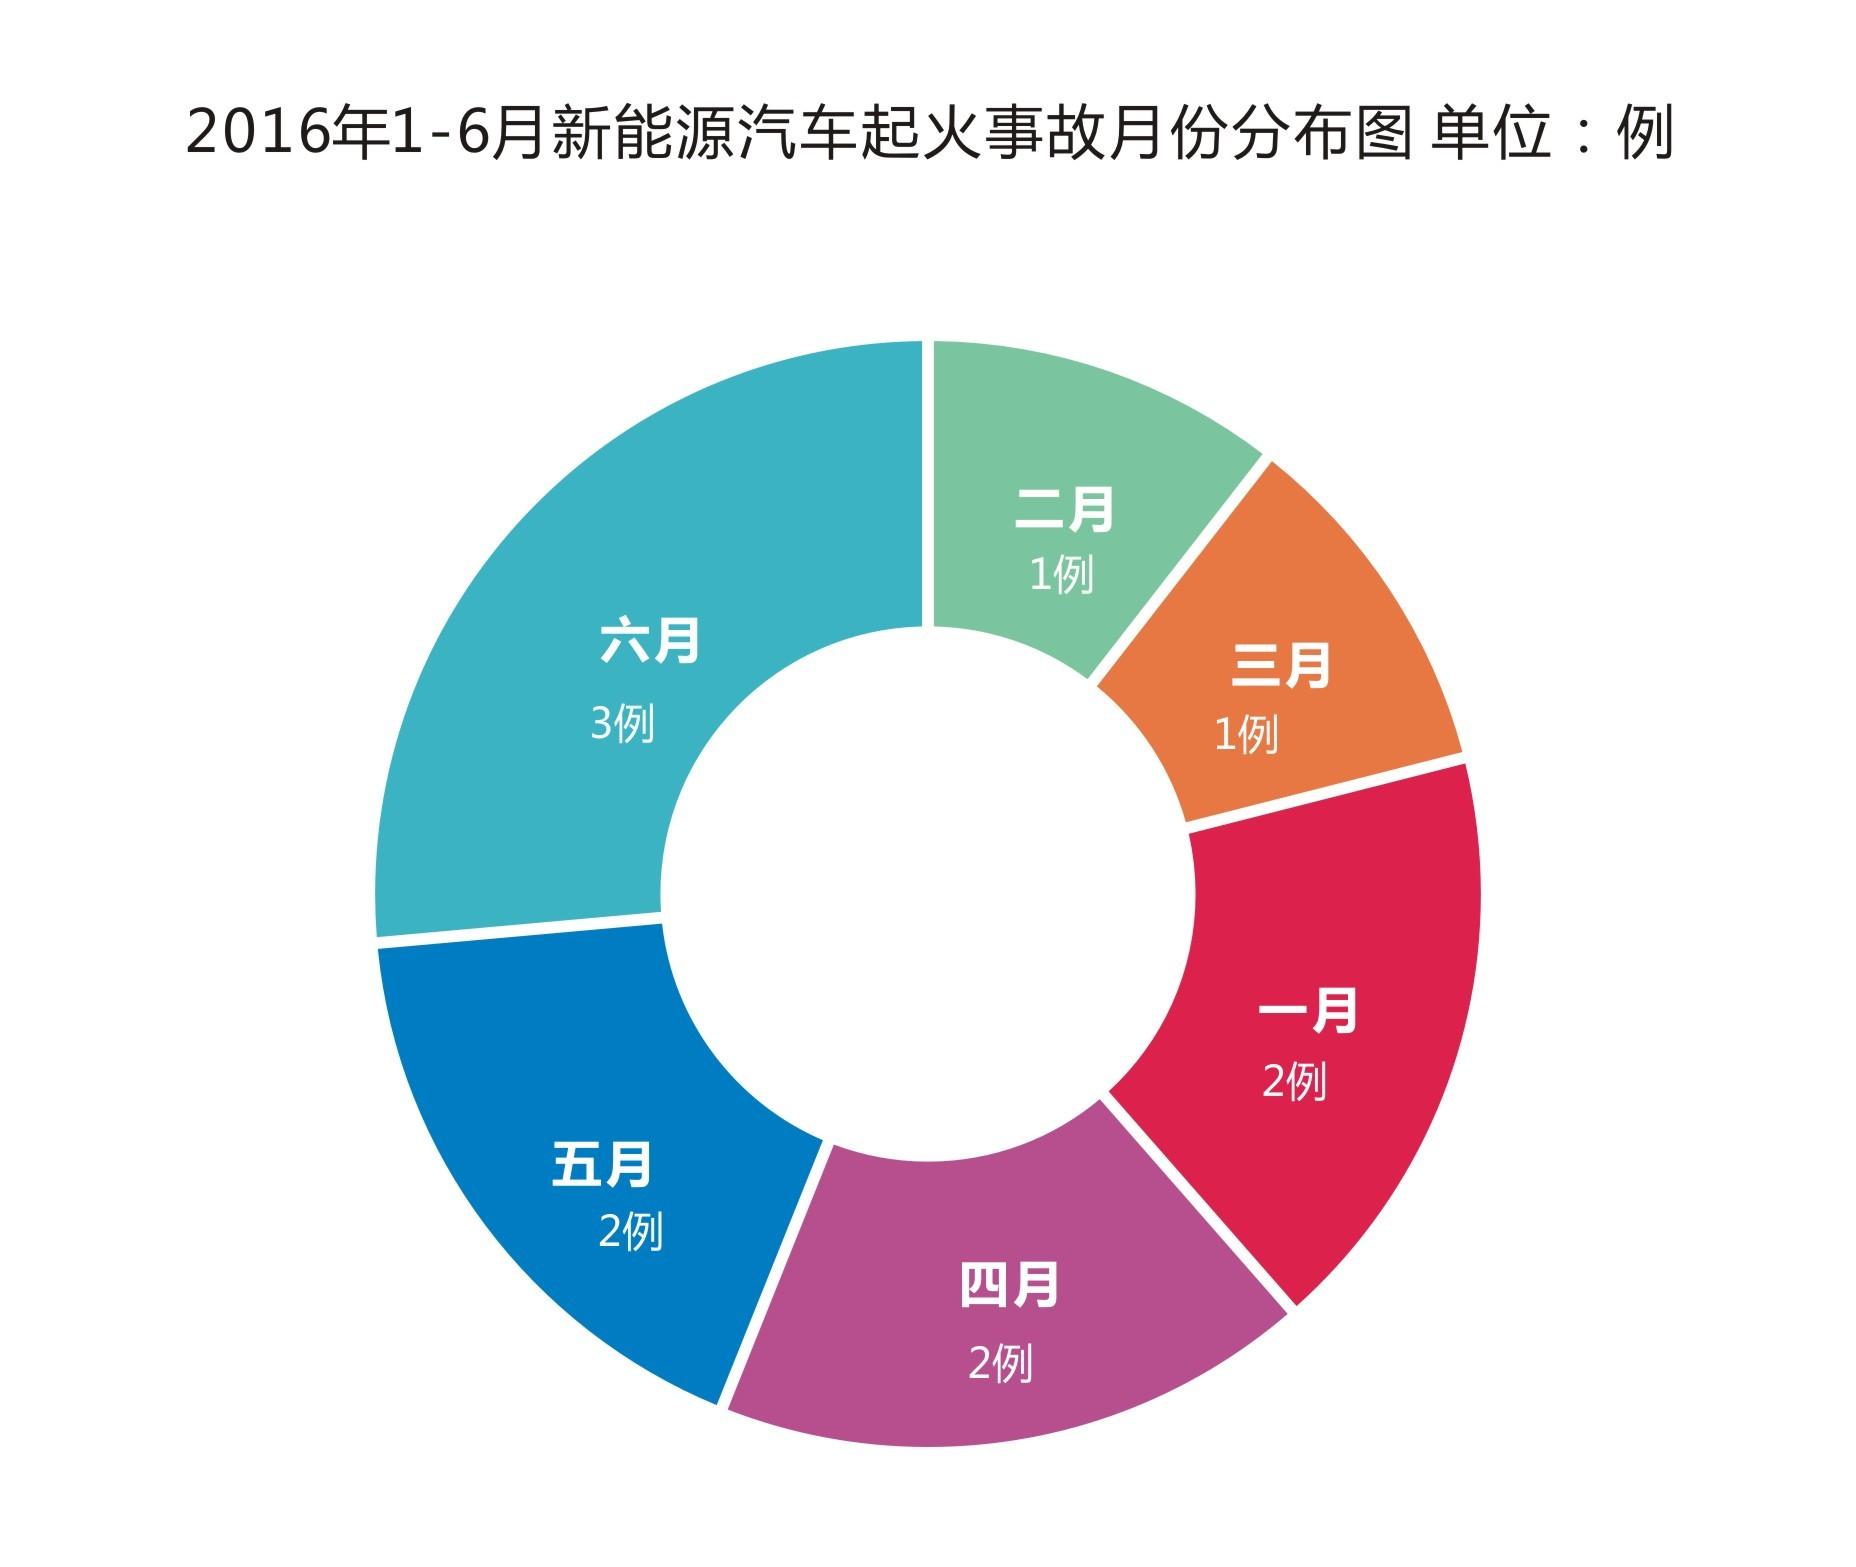 从事故地点来看,北京、上海、深圳是新能源汽车起火事故的主要发生地,这与3个城市是国内新能源汽车推广最为活跃的城市有一定的关联。   从起火的车企来看,一共涉及到9家车企,其中,五洲龙和比亚迪各发生2例,其余特斯拉、宇通、华晨金杯、银隆新能源、福田汽车、上汽、江淮这些车型均为1例。